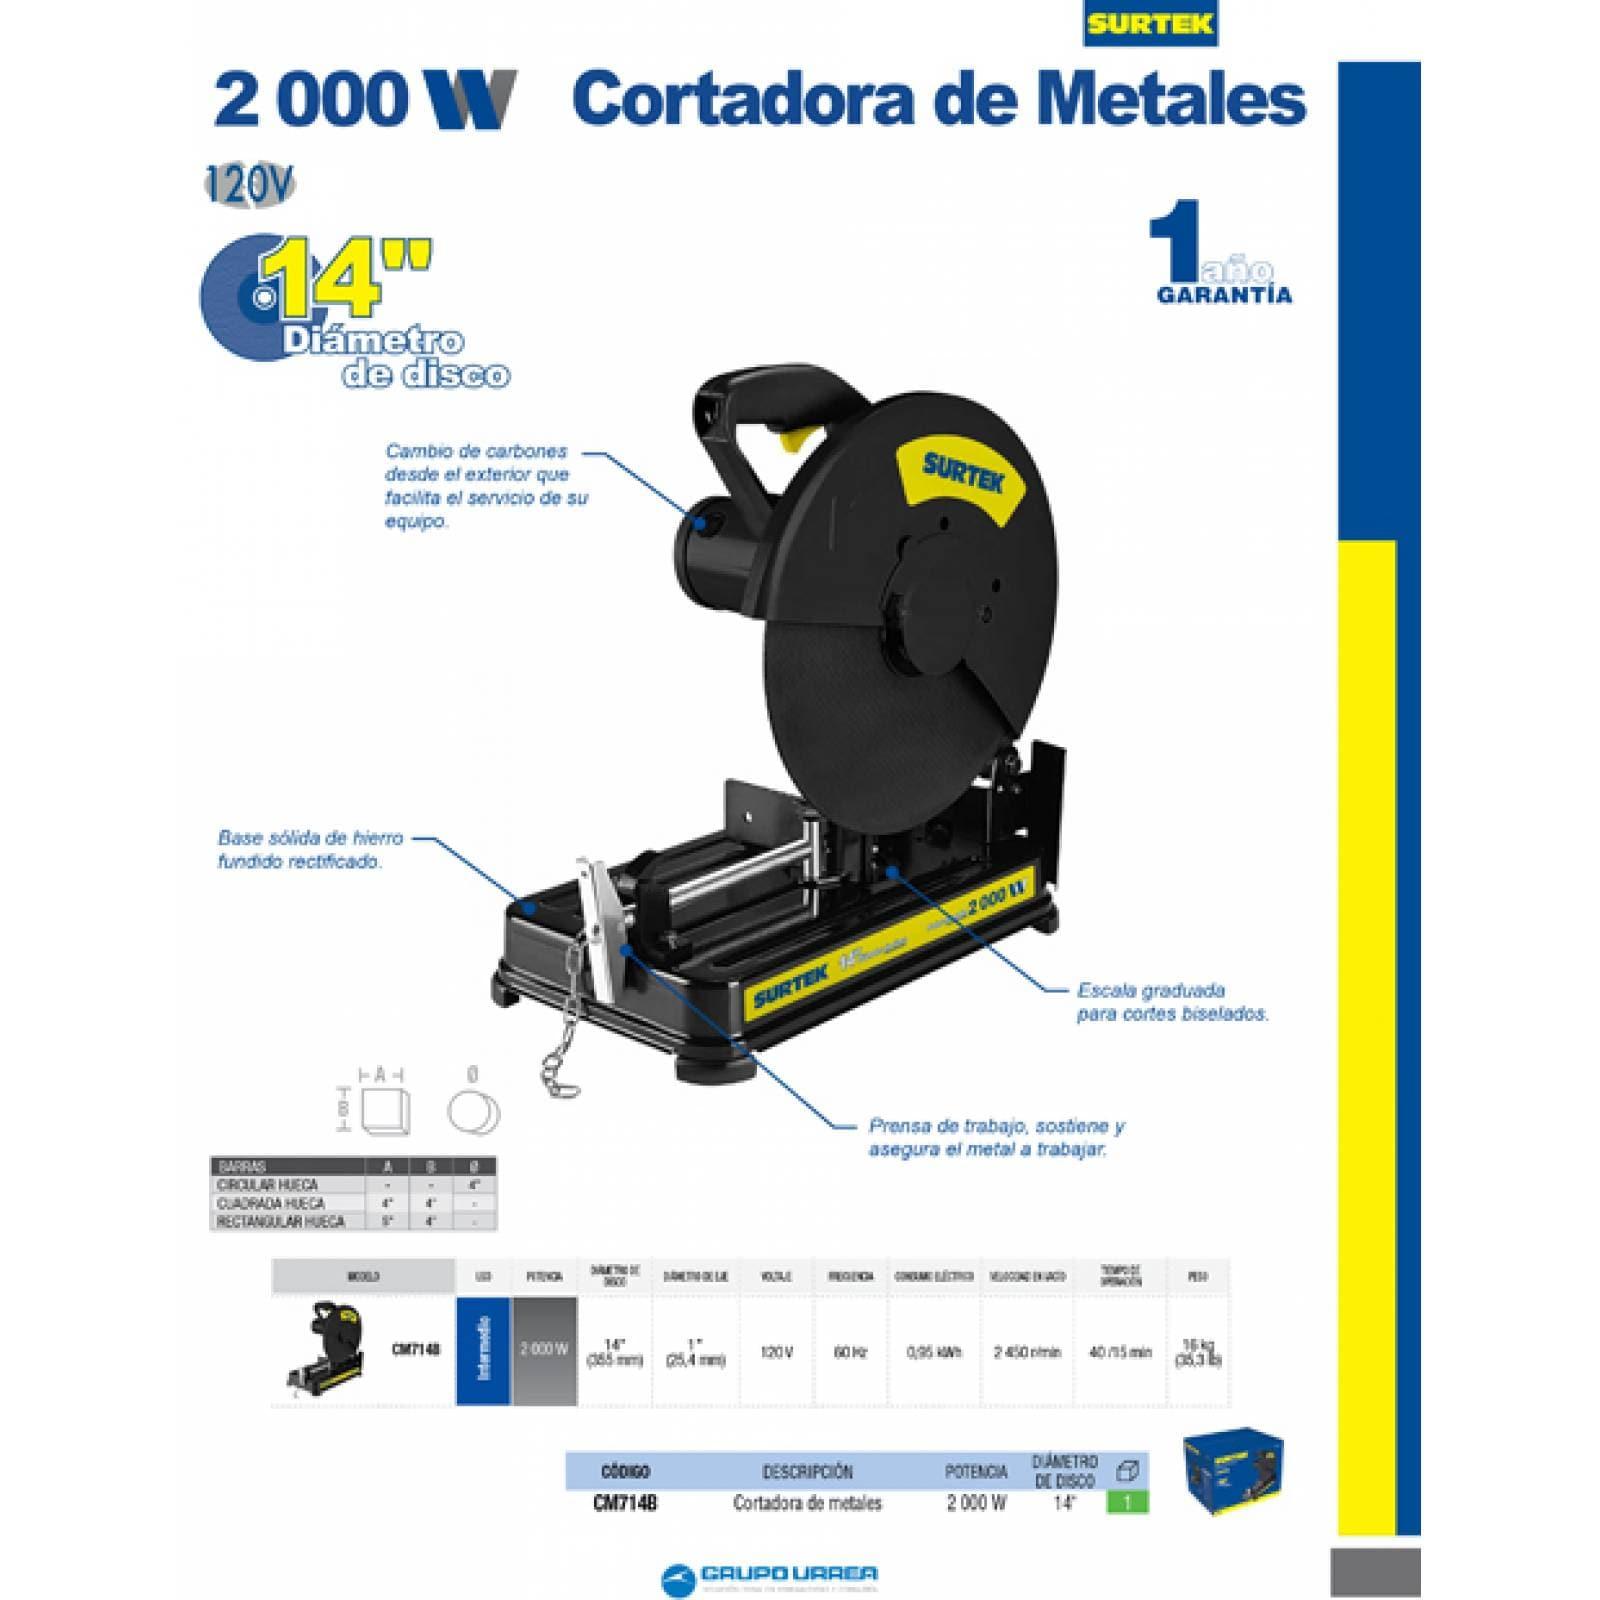 """Cortadora De Metales Capcidad De Disco De 14"""" CM714B Surtek"""